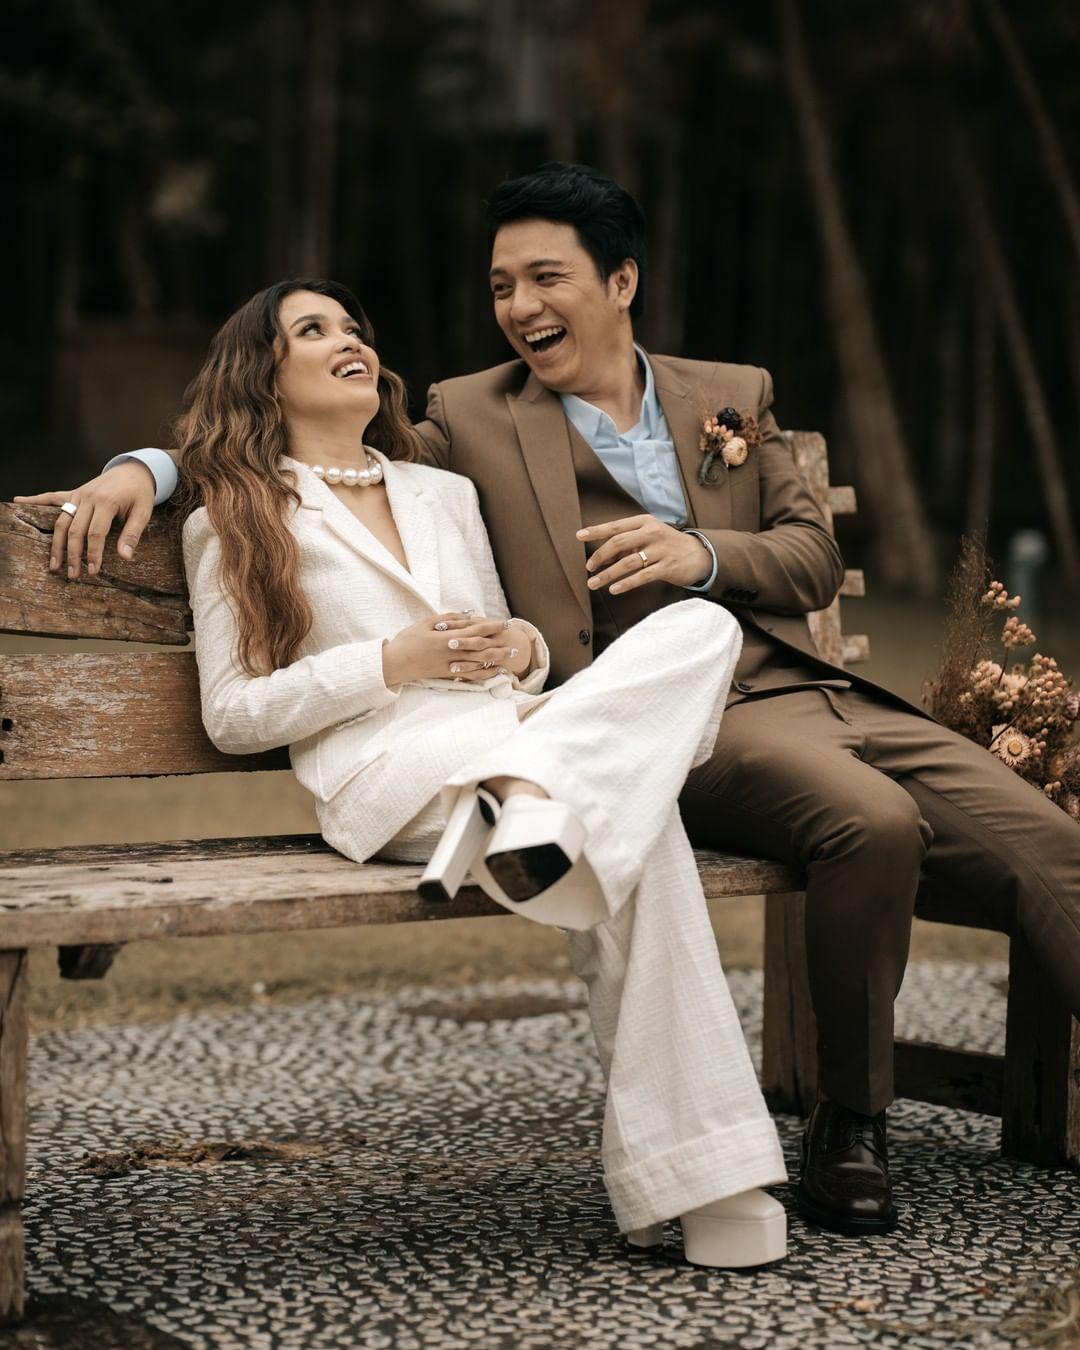 KZ Tandingan bridal look